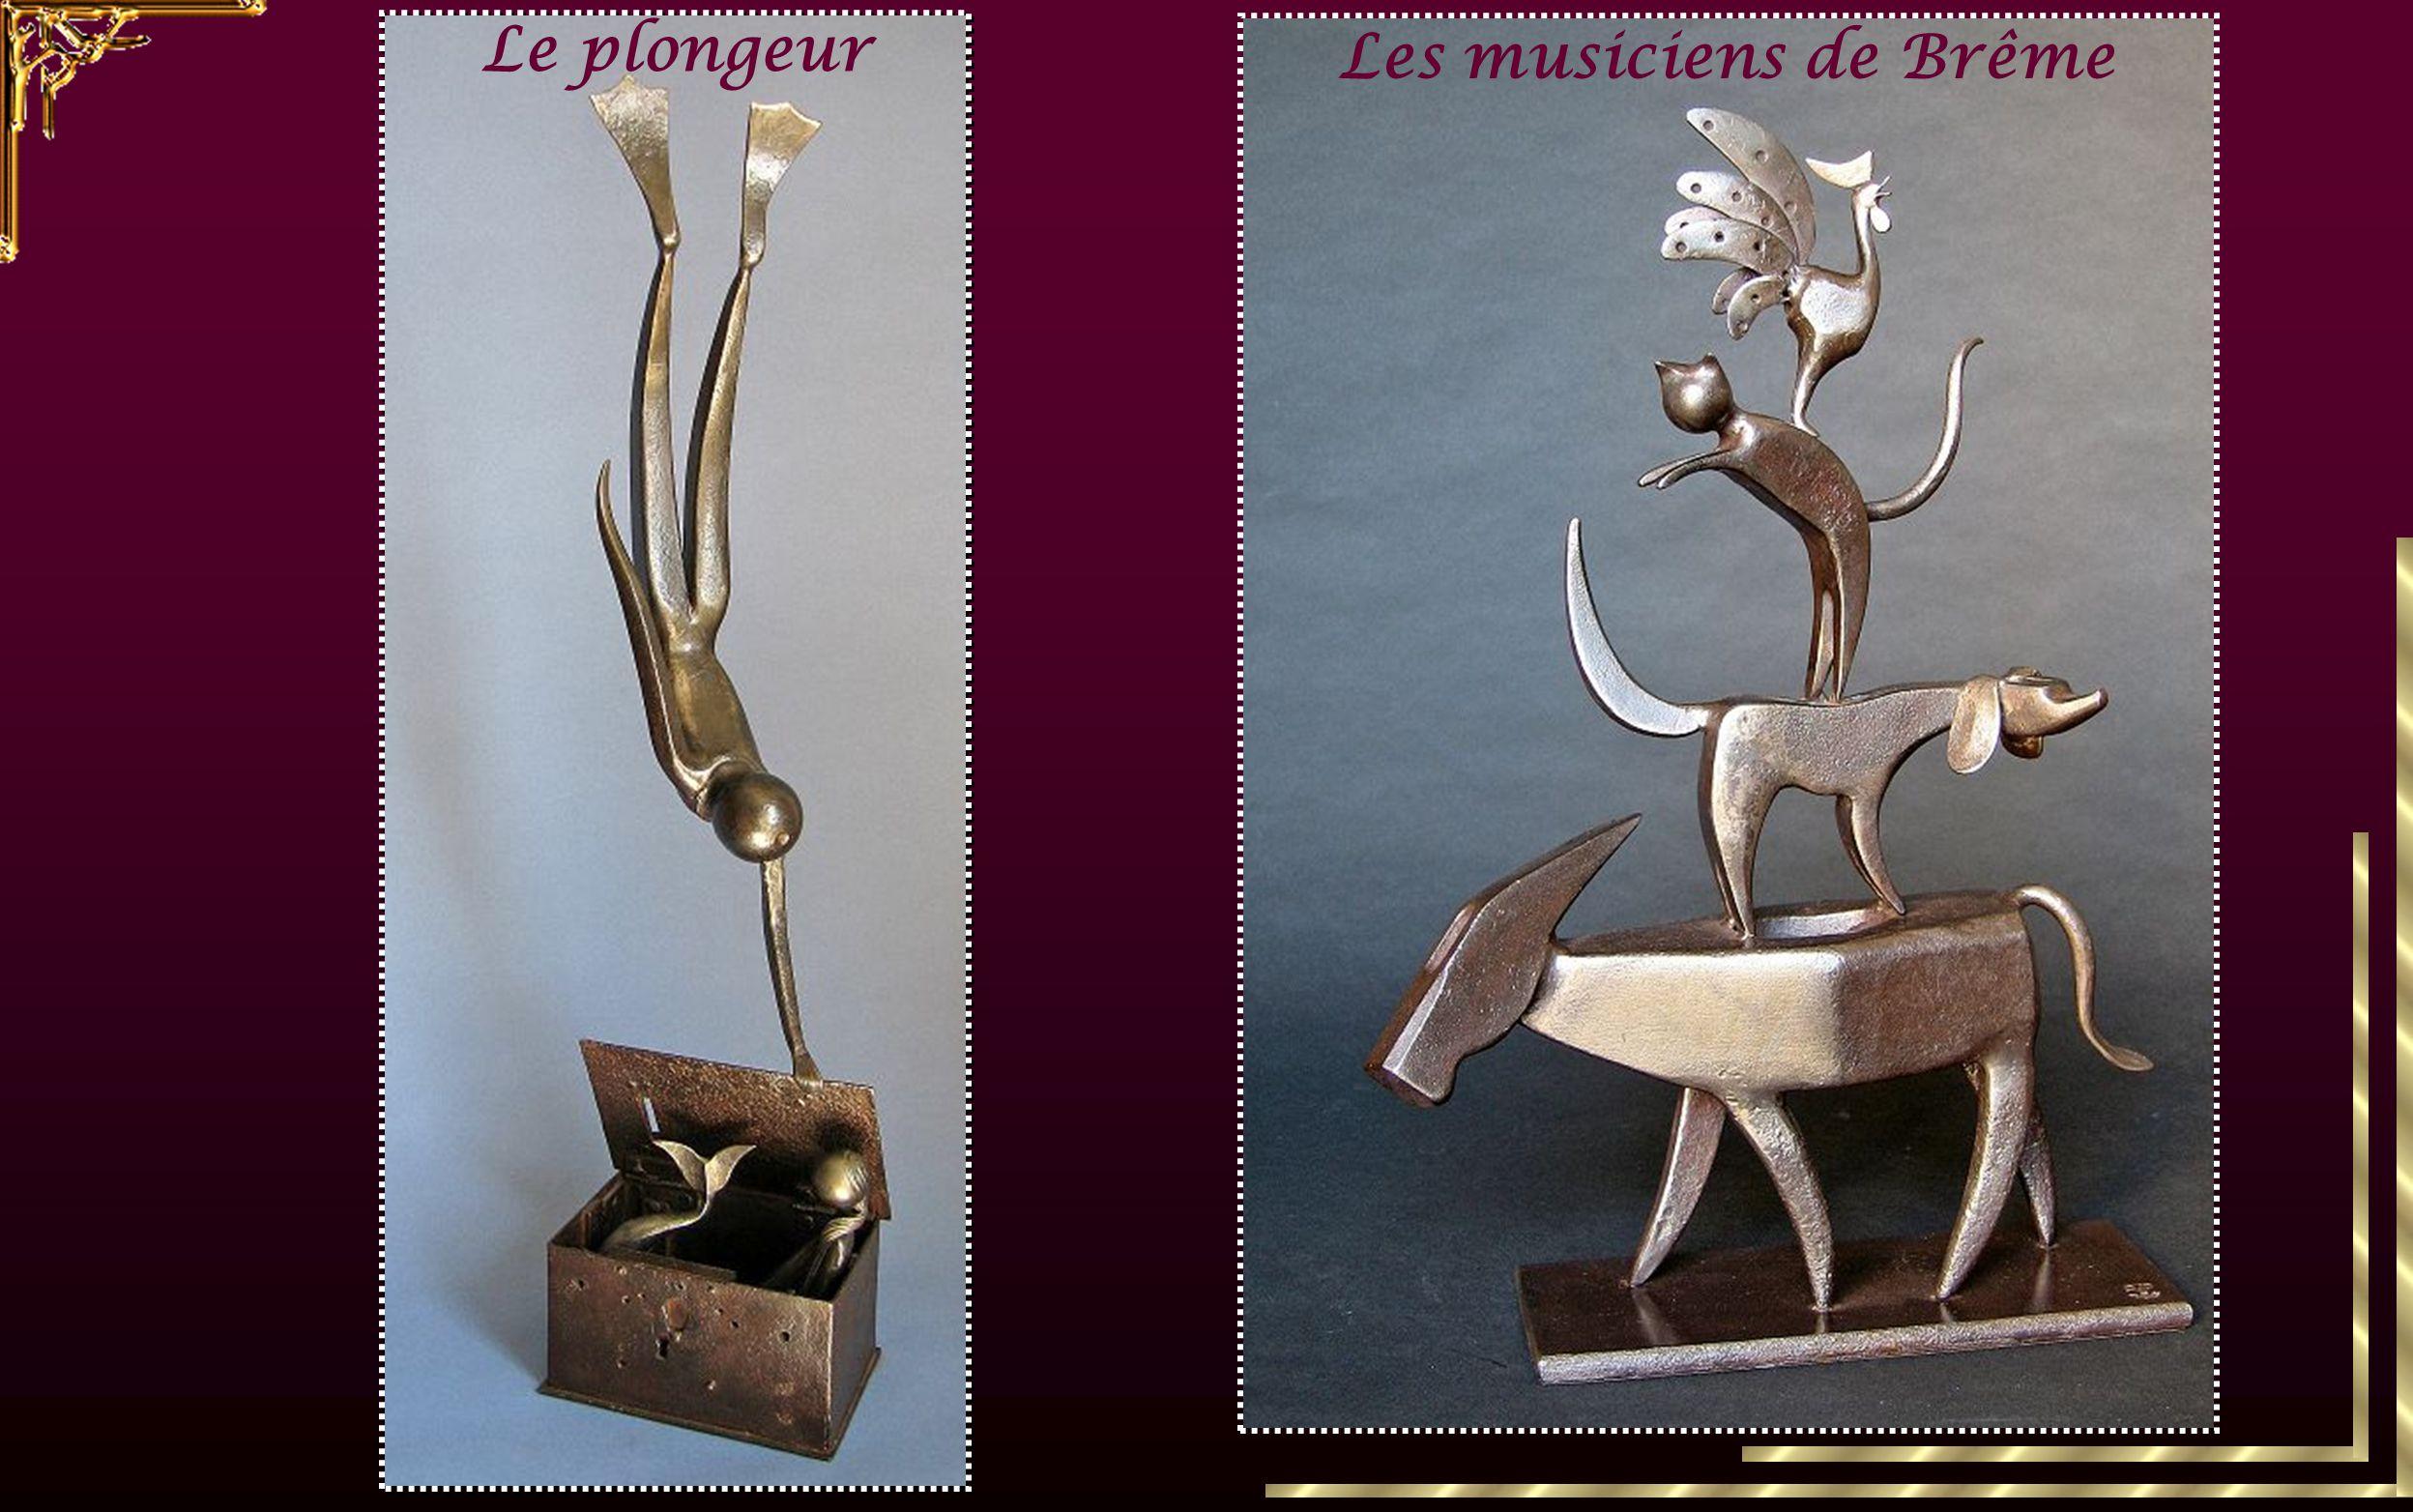 vieux outilsobjets de fer Le sculpteur trouve son inspiration dans de vieux outils ou des objets de fer qu'il transforme par assemblage en personnages